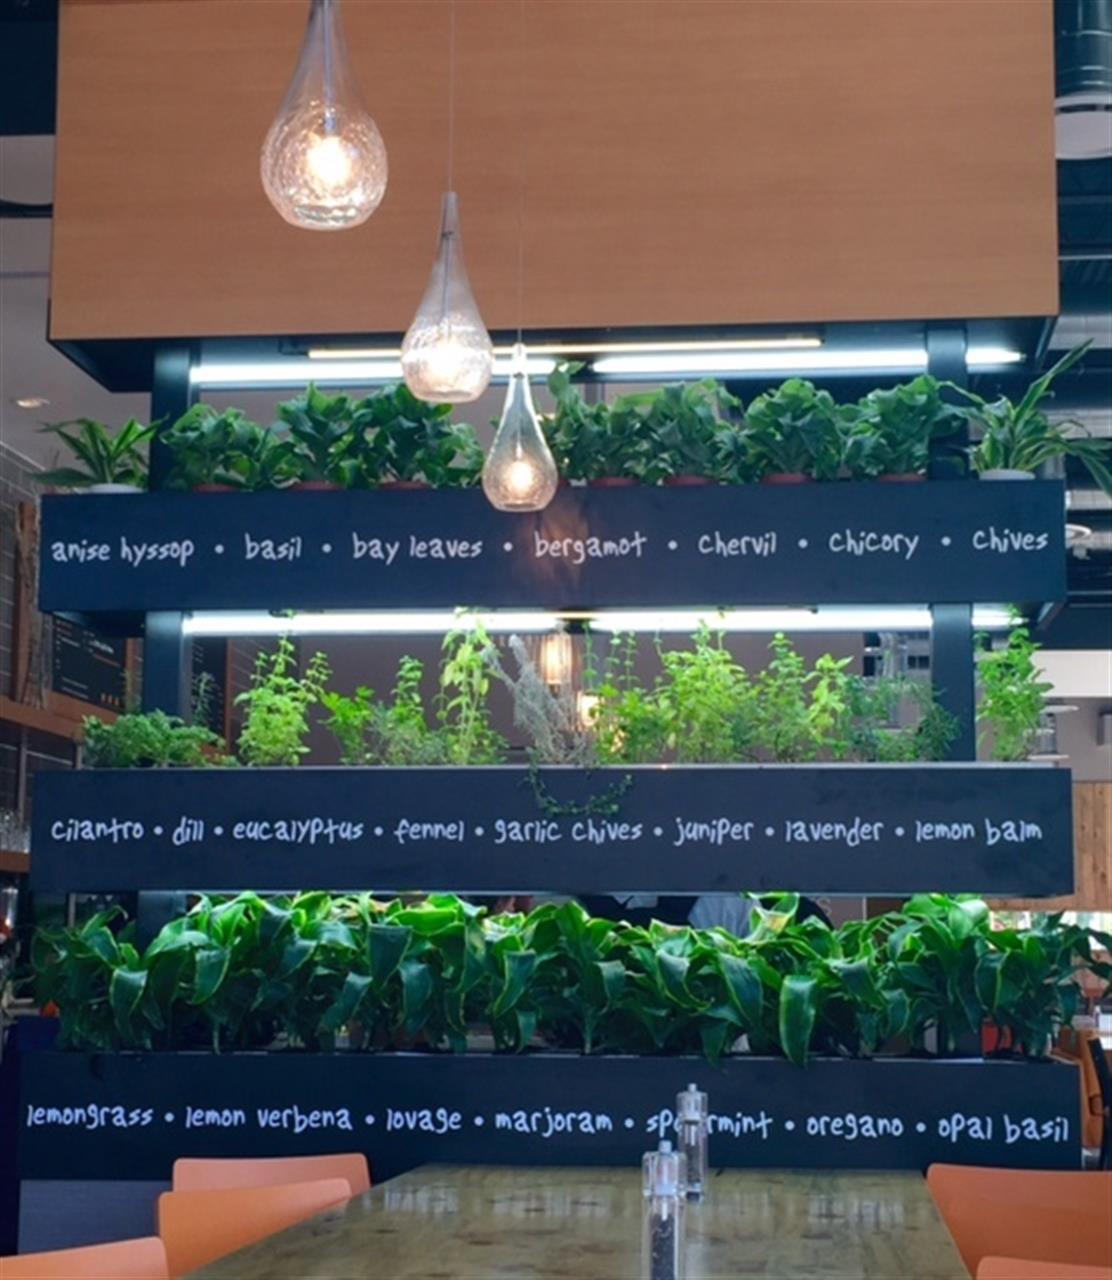 Fresh herb garden in Lyfe Kitchen - a restaurant on Pearl St in Downtown Boulder